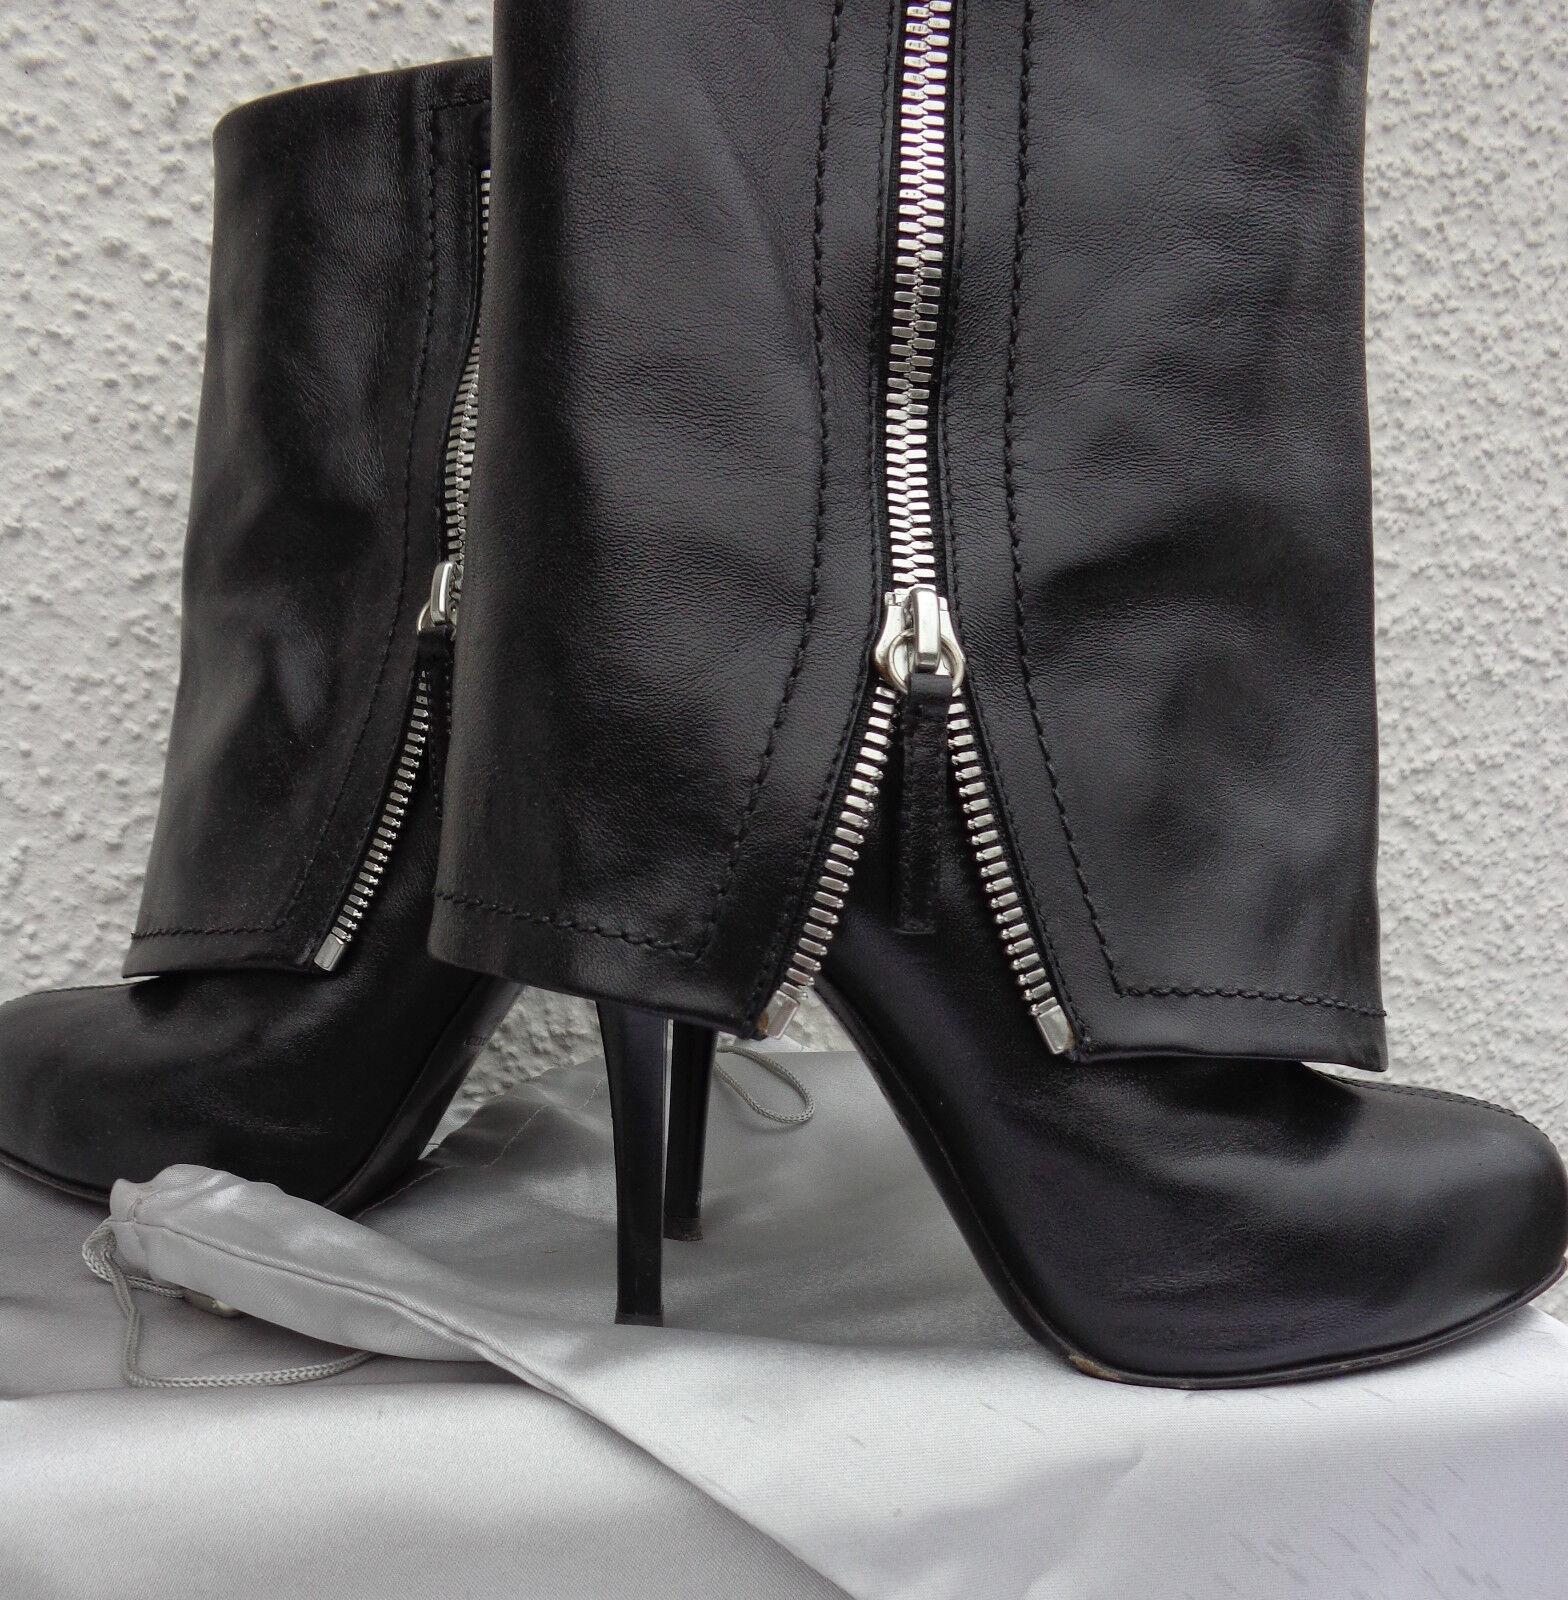 Sexy GUISEPPE ZANOTTI Ankle Boots Stiletto Heels Stiefeletten Plateau Gr. 37,5